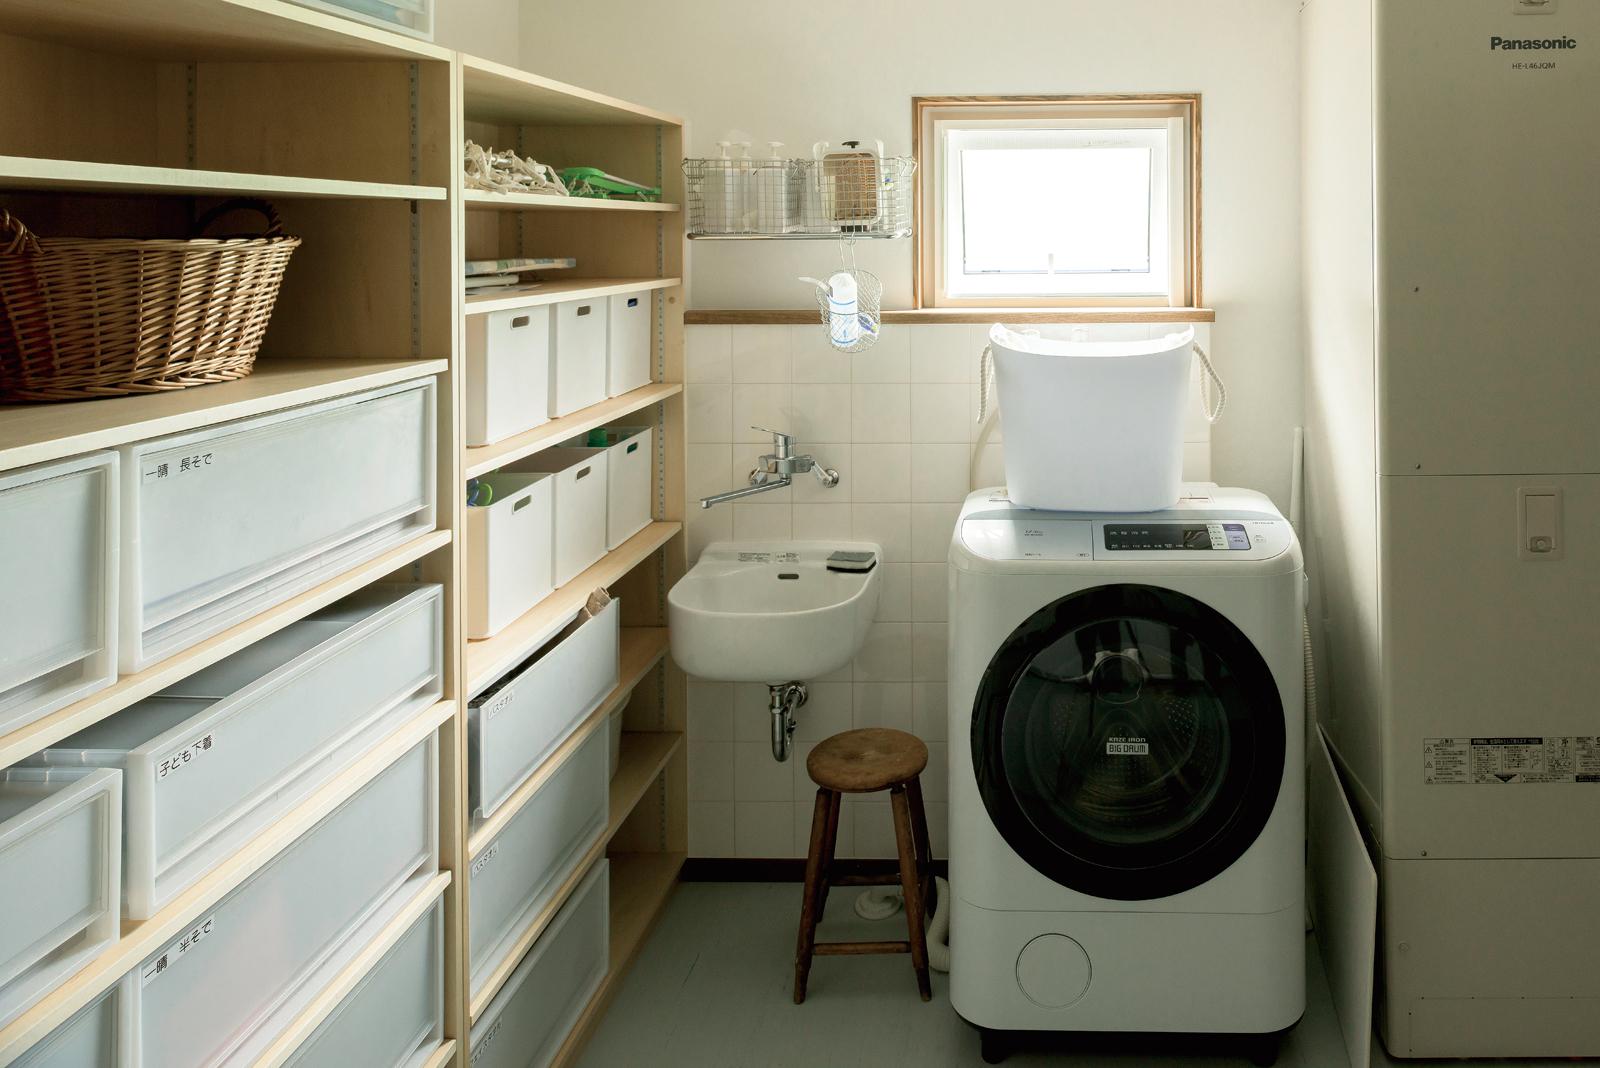 「洗濯物は生活空間から隔離したい」という奥さんの希望で、ユーティリティは衣類収納ができる造作棚を備えた